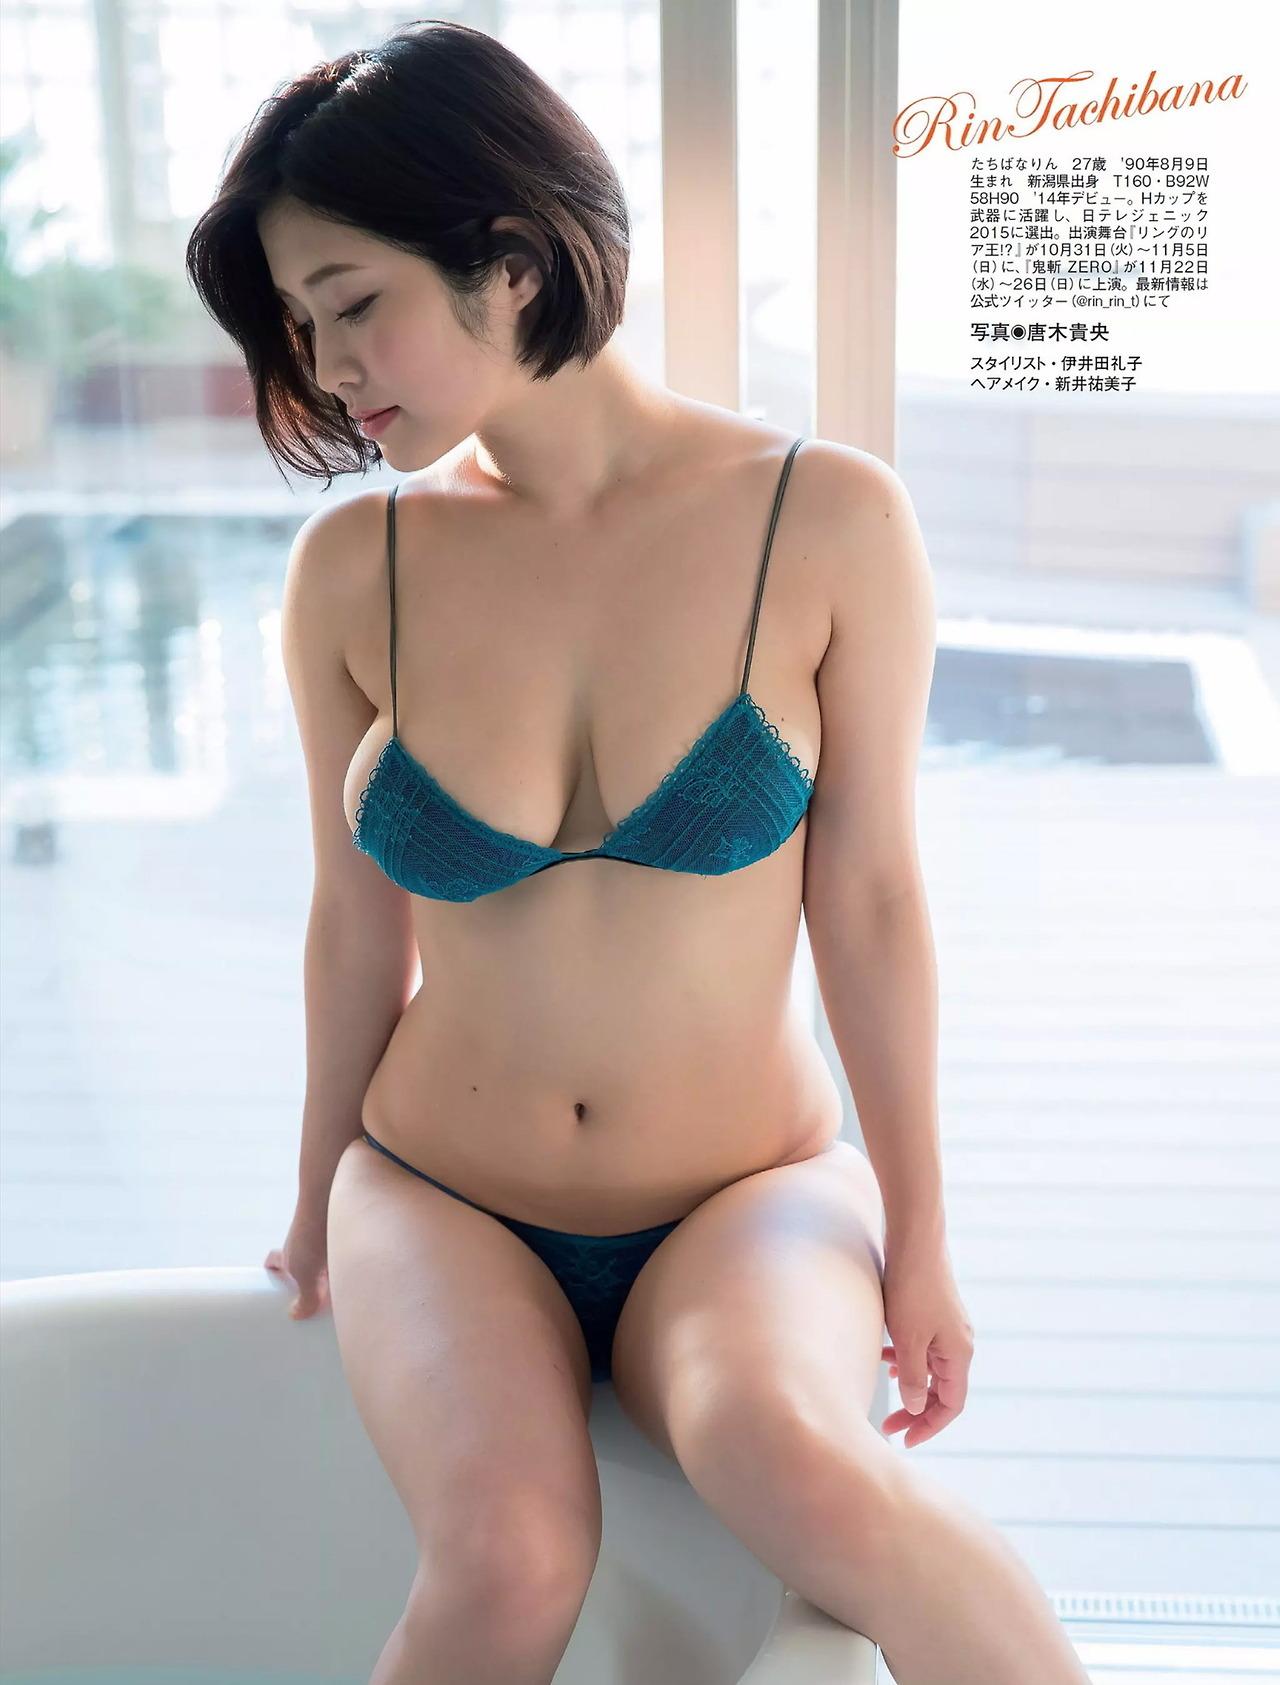 takahashi_rin296.jpg